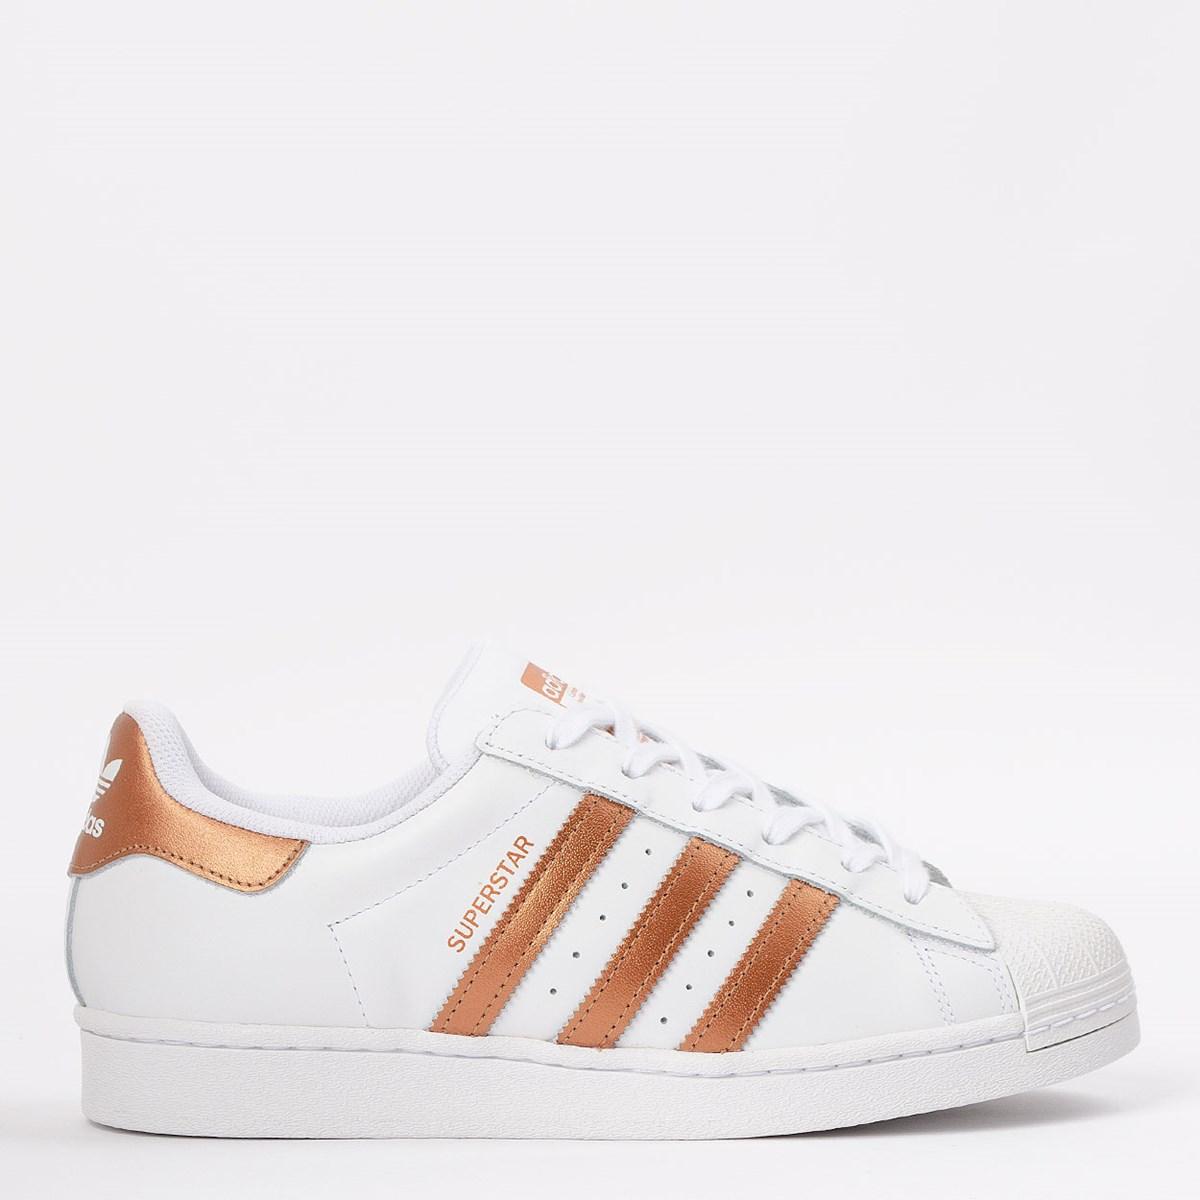 Tênis adidas Superstar Ftwr White Copper Metallic FX7484